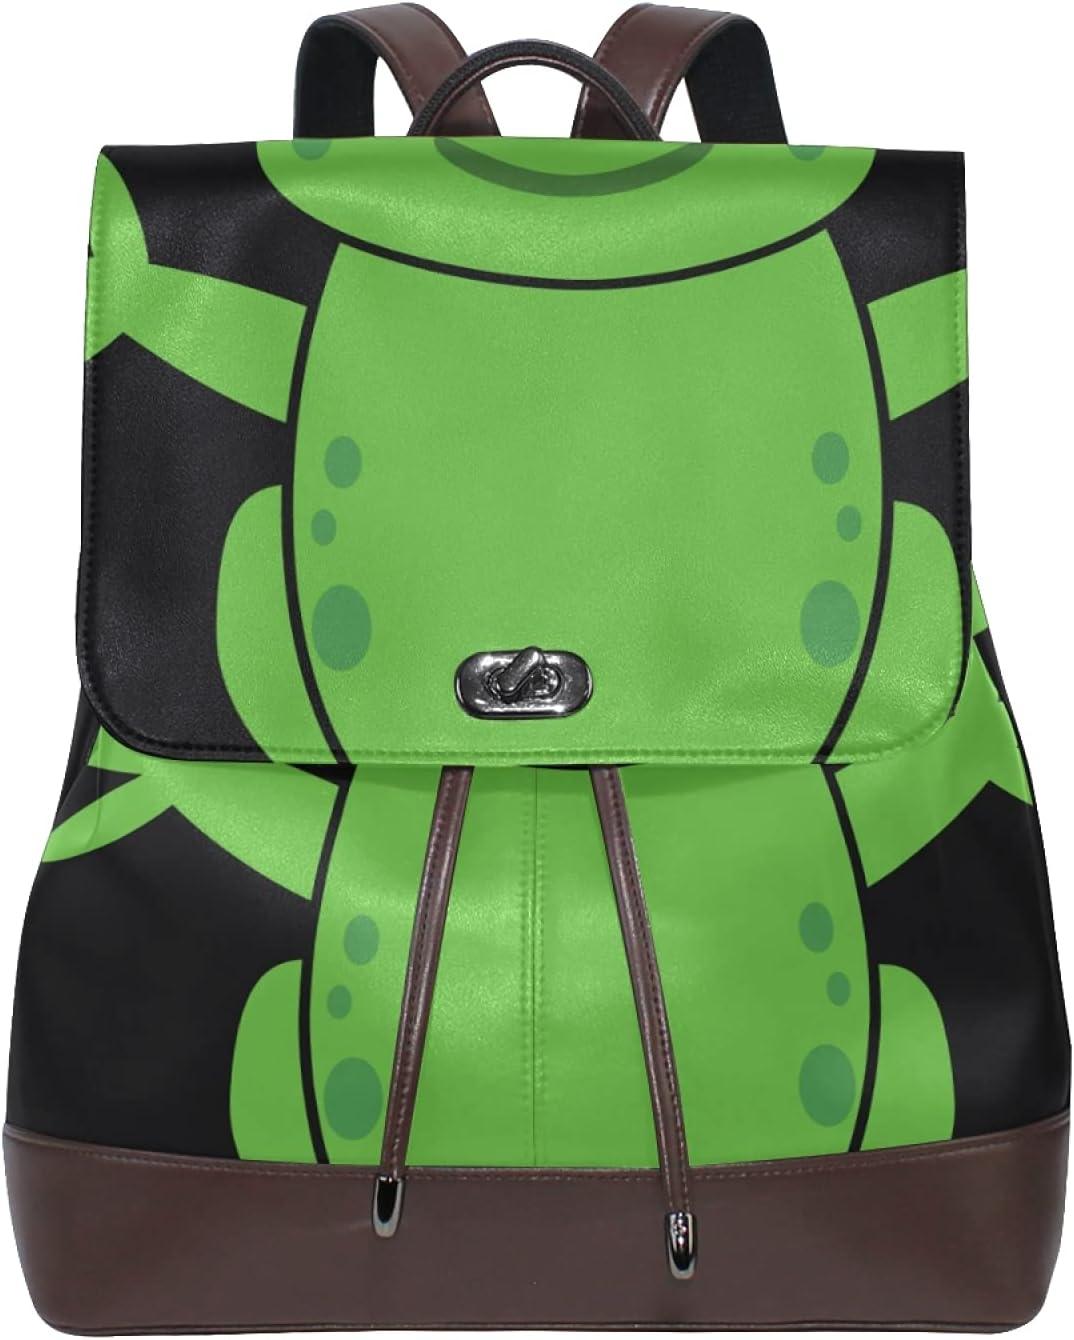 Women Leather Backpack Ladies Fashion Shoulder Bag Large Travel Bag Happy Frog